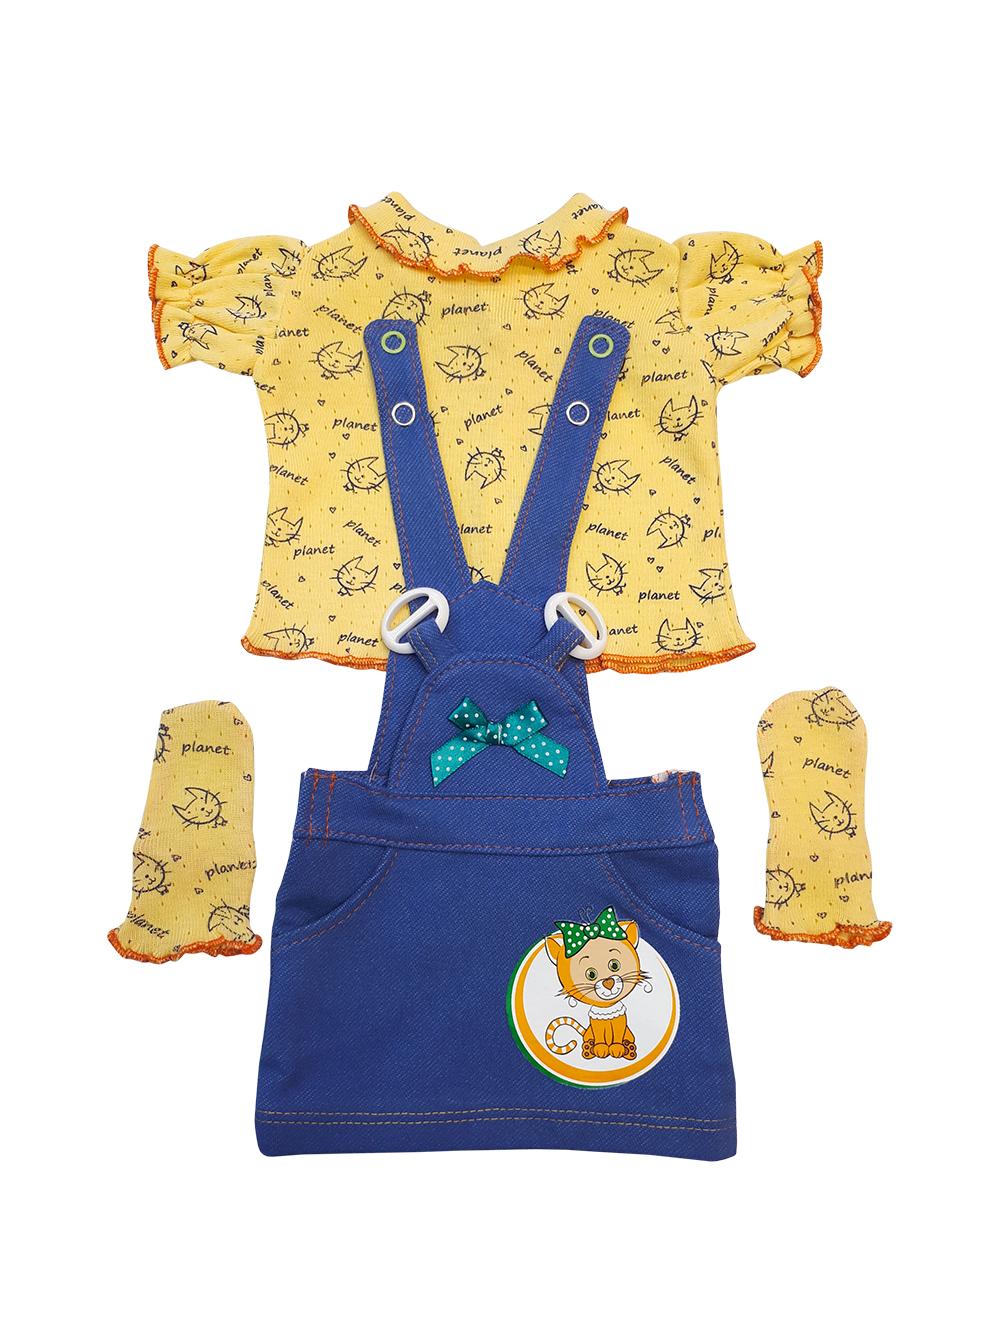 Комплект одежды для куклы Колибри синий, желтый 311